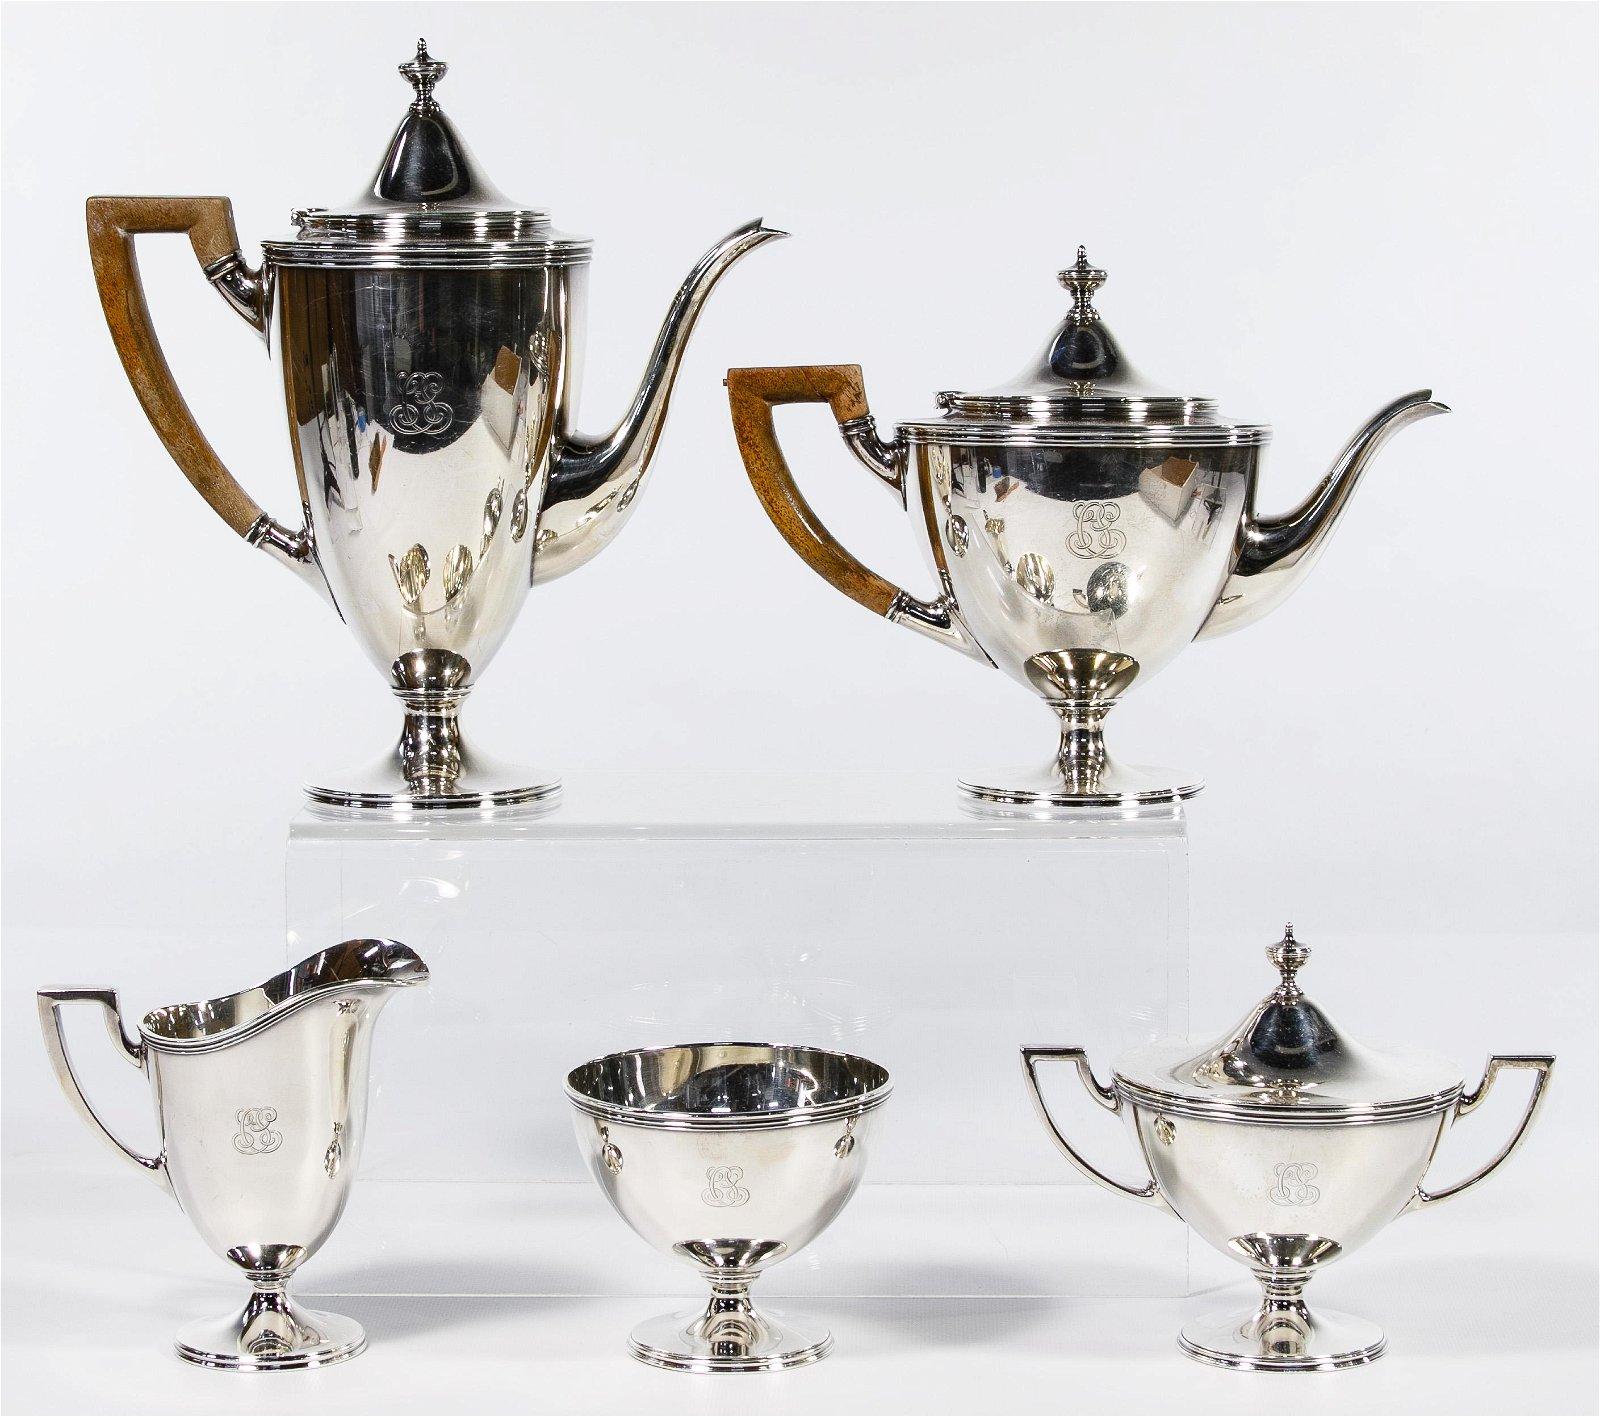 Tiffany & Co 'Hamilton' Sterling Silver Beverage